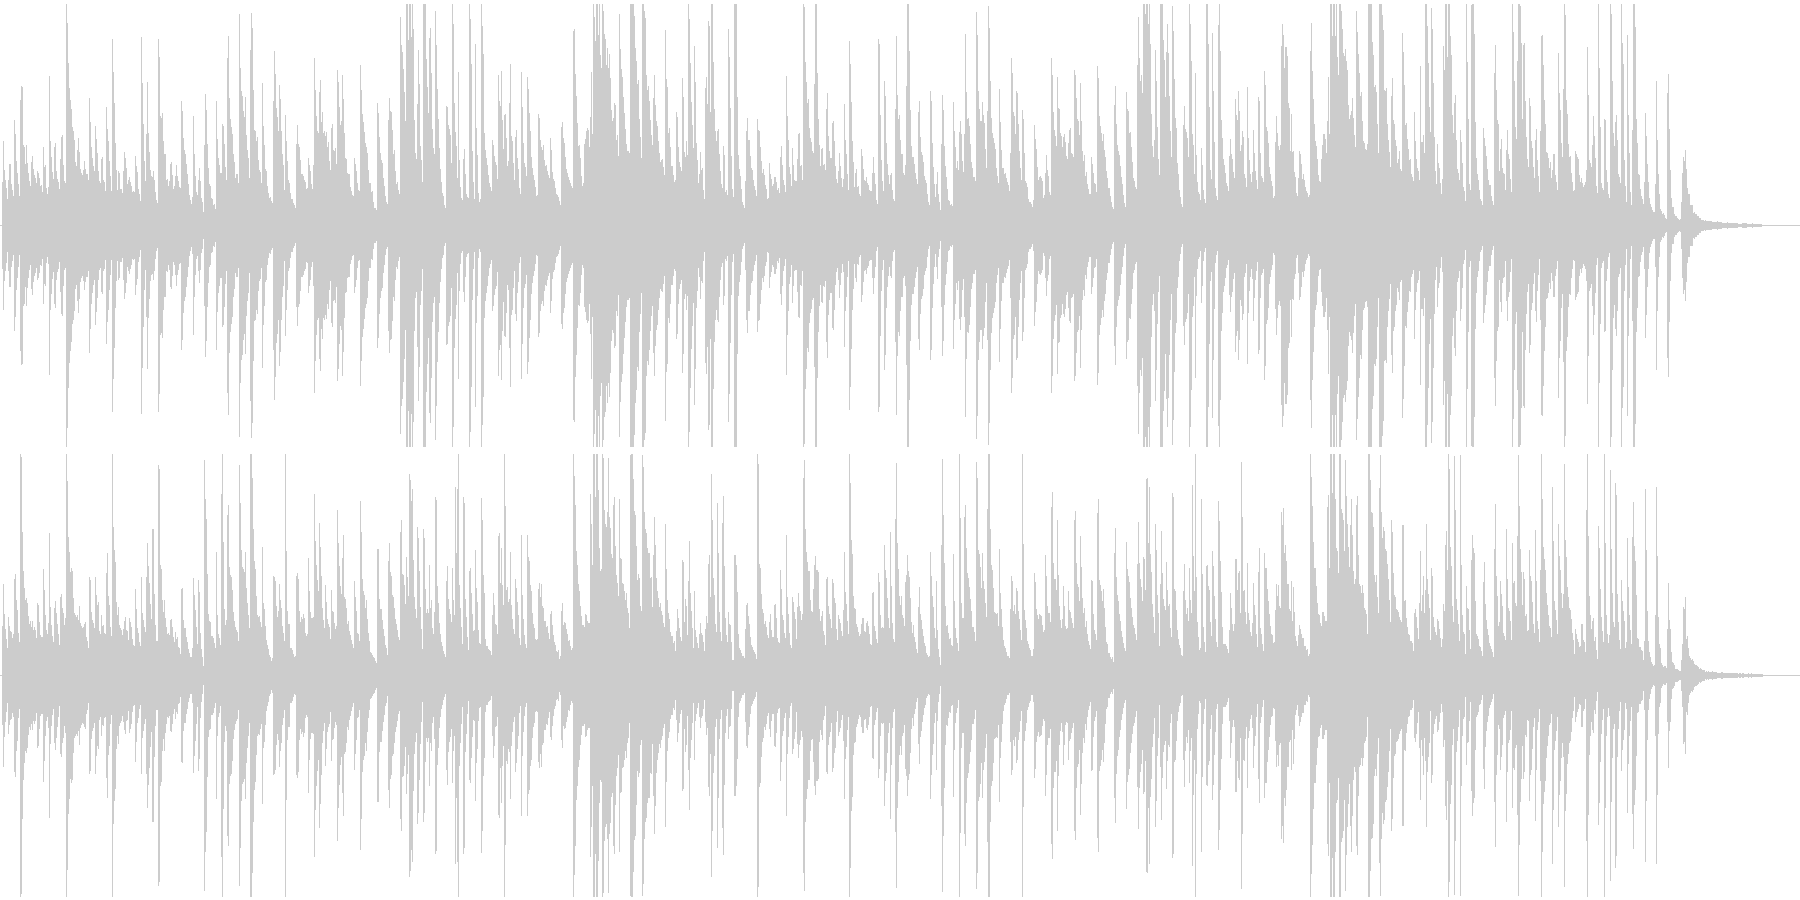 ピアノBGMしっとり大人のジャズバラードの未再生の波形